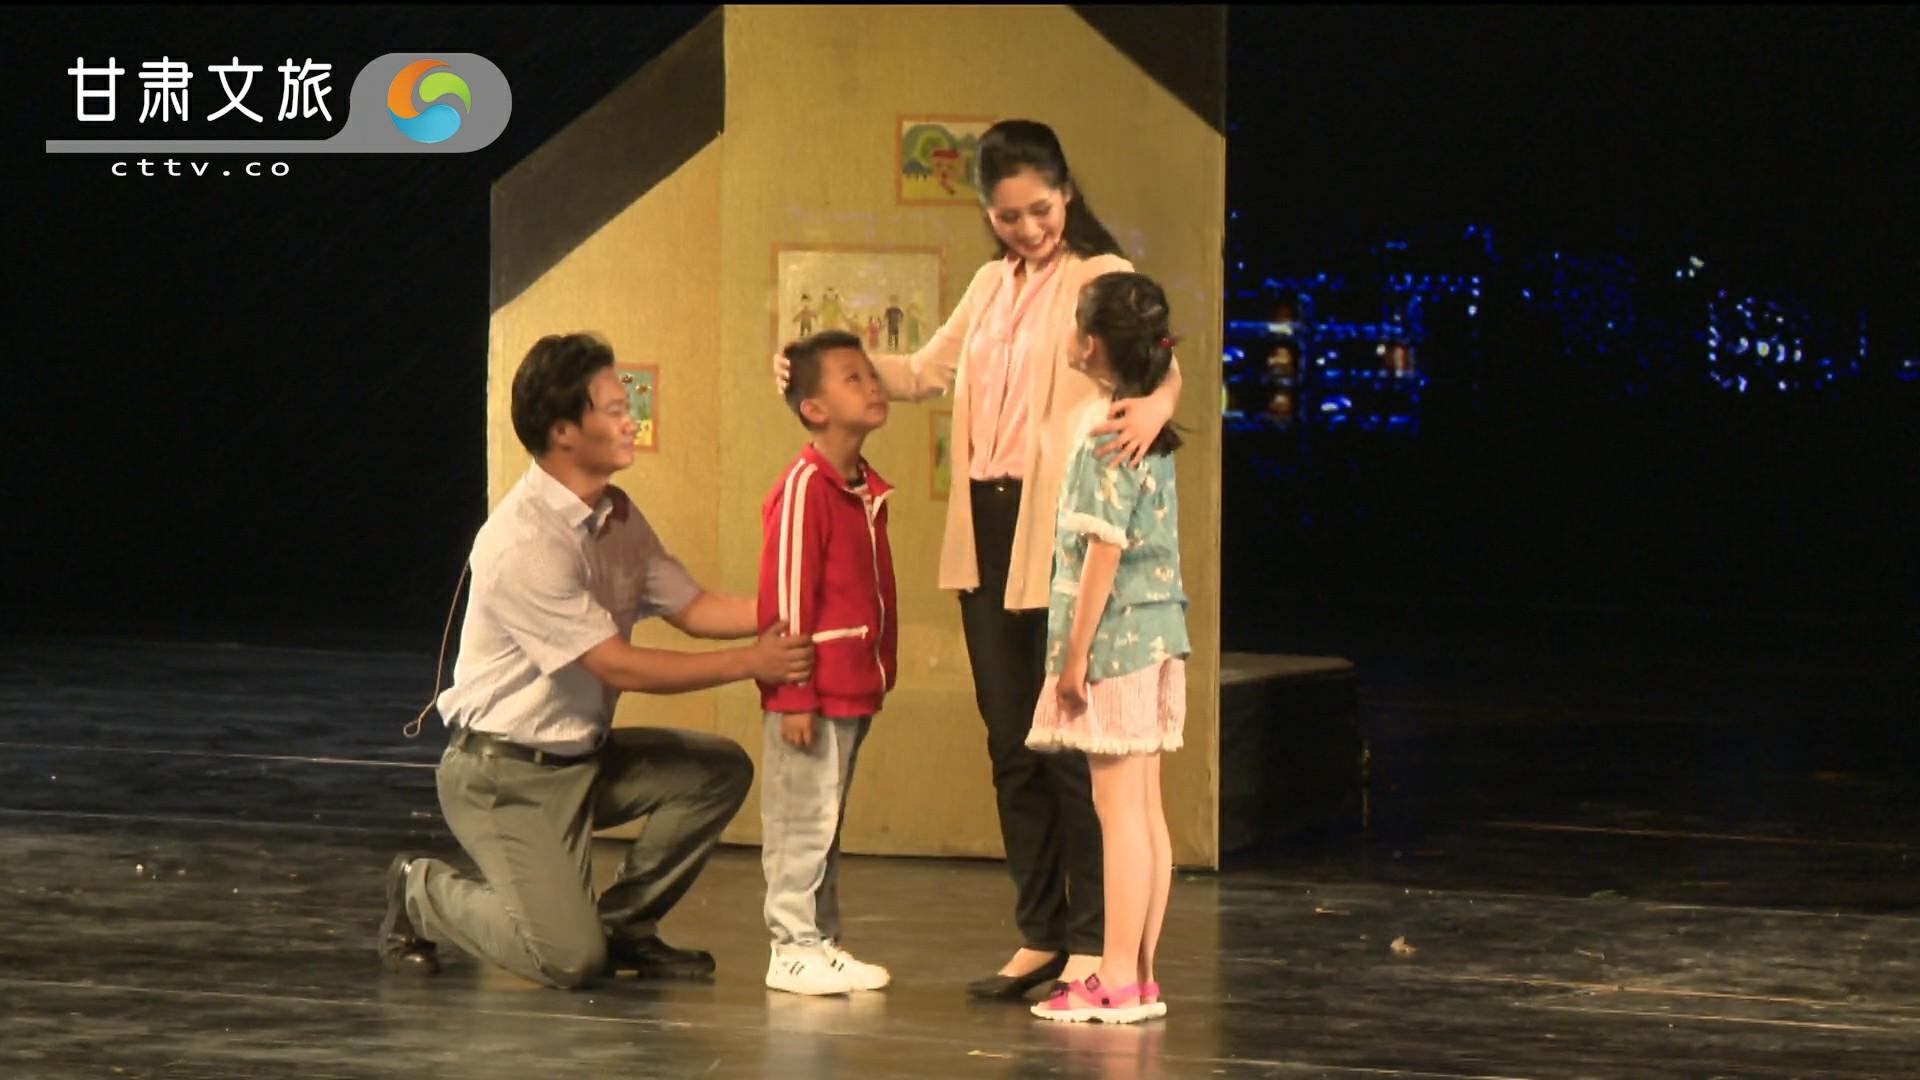 《达玛花开》——张小娟与家人聚少离多,夜晚回家又匆忙离开